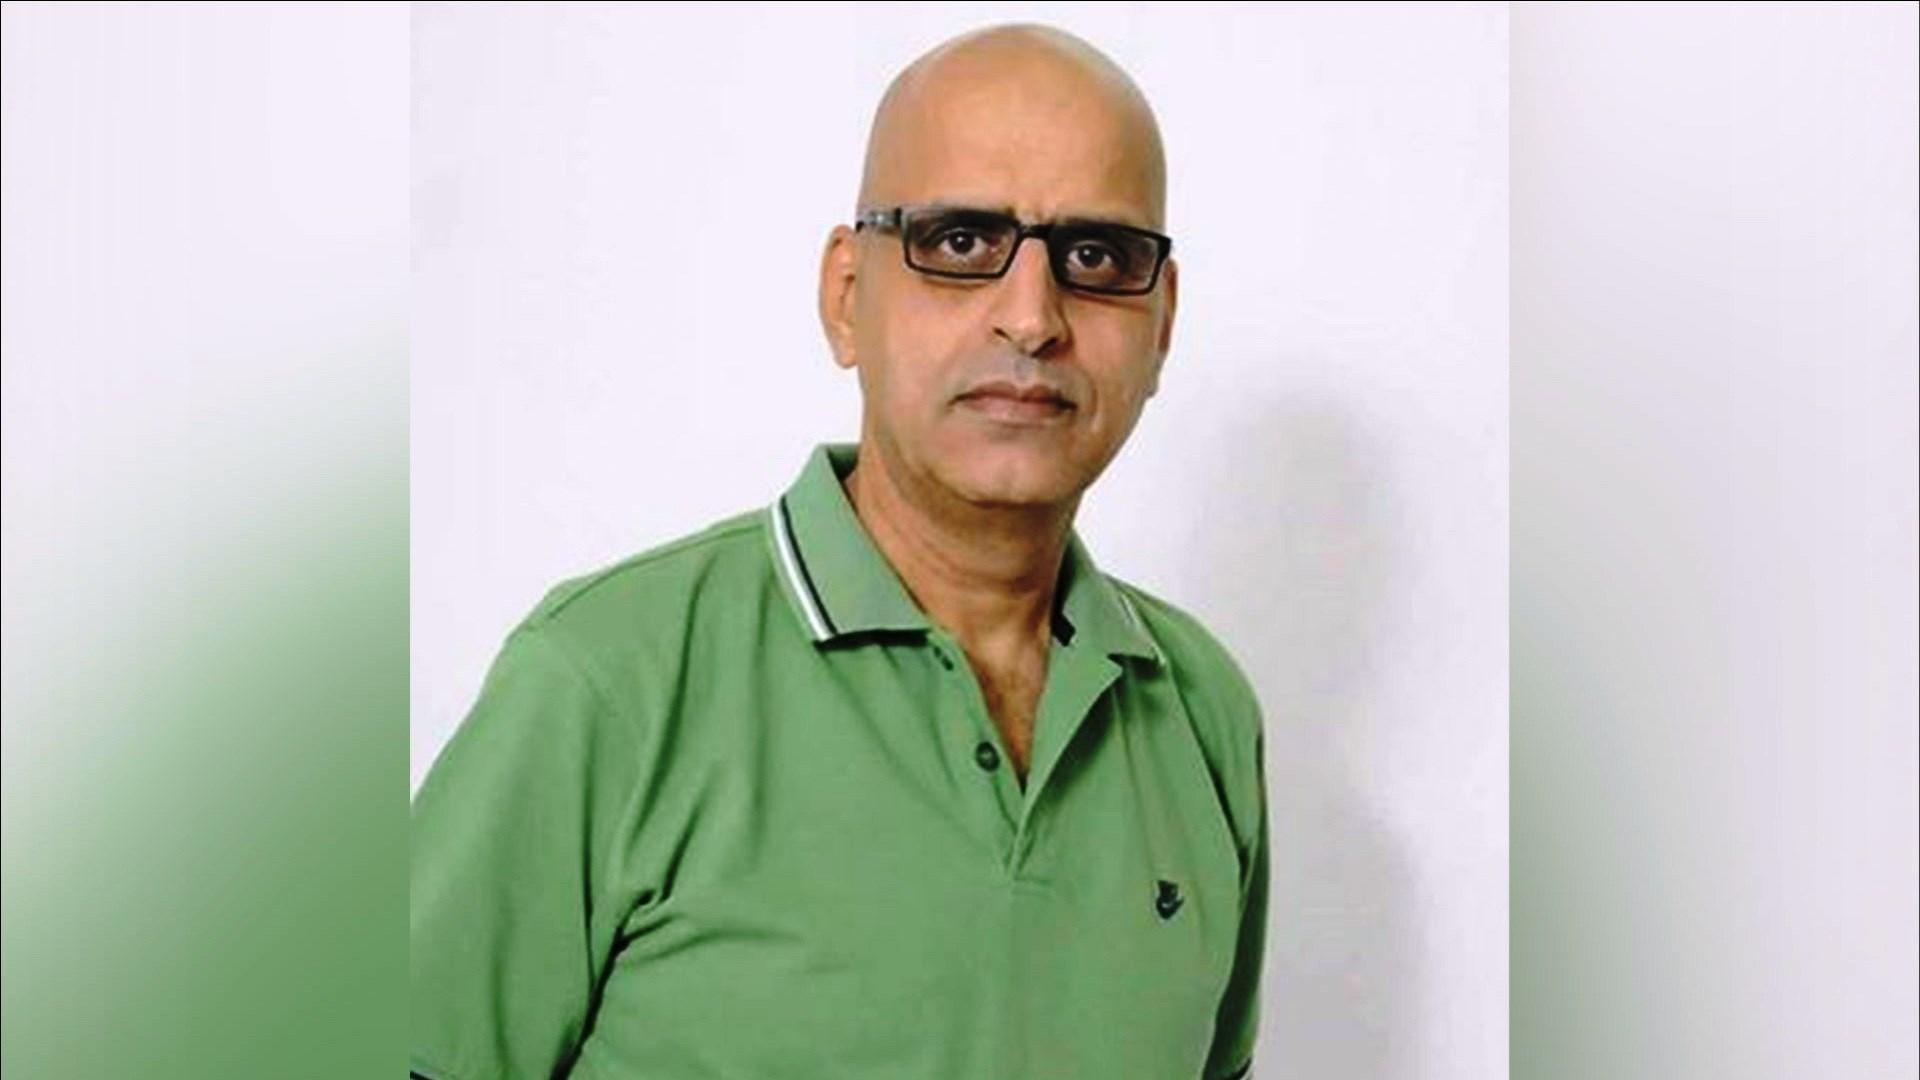 إدارة سجون الاحتلال تعزل الأسير محمود أبو خربيش المعتقل منذ 33 عاماً